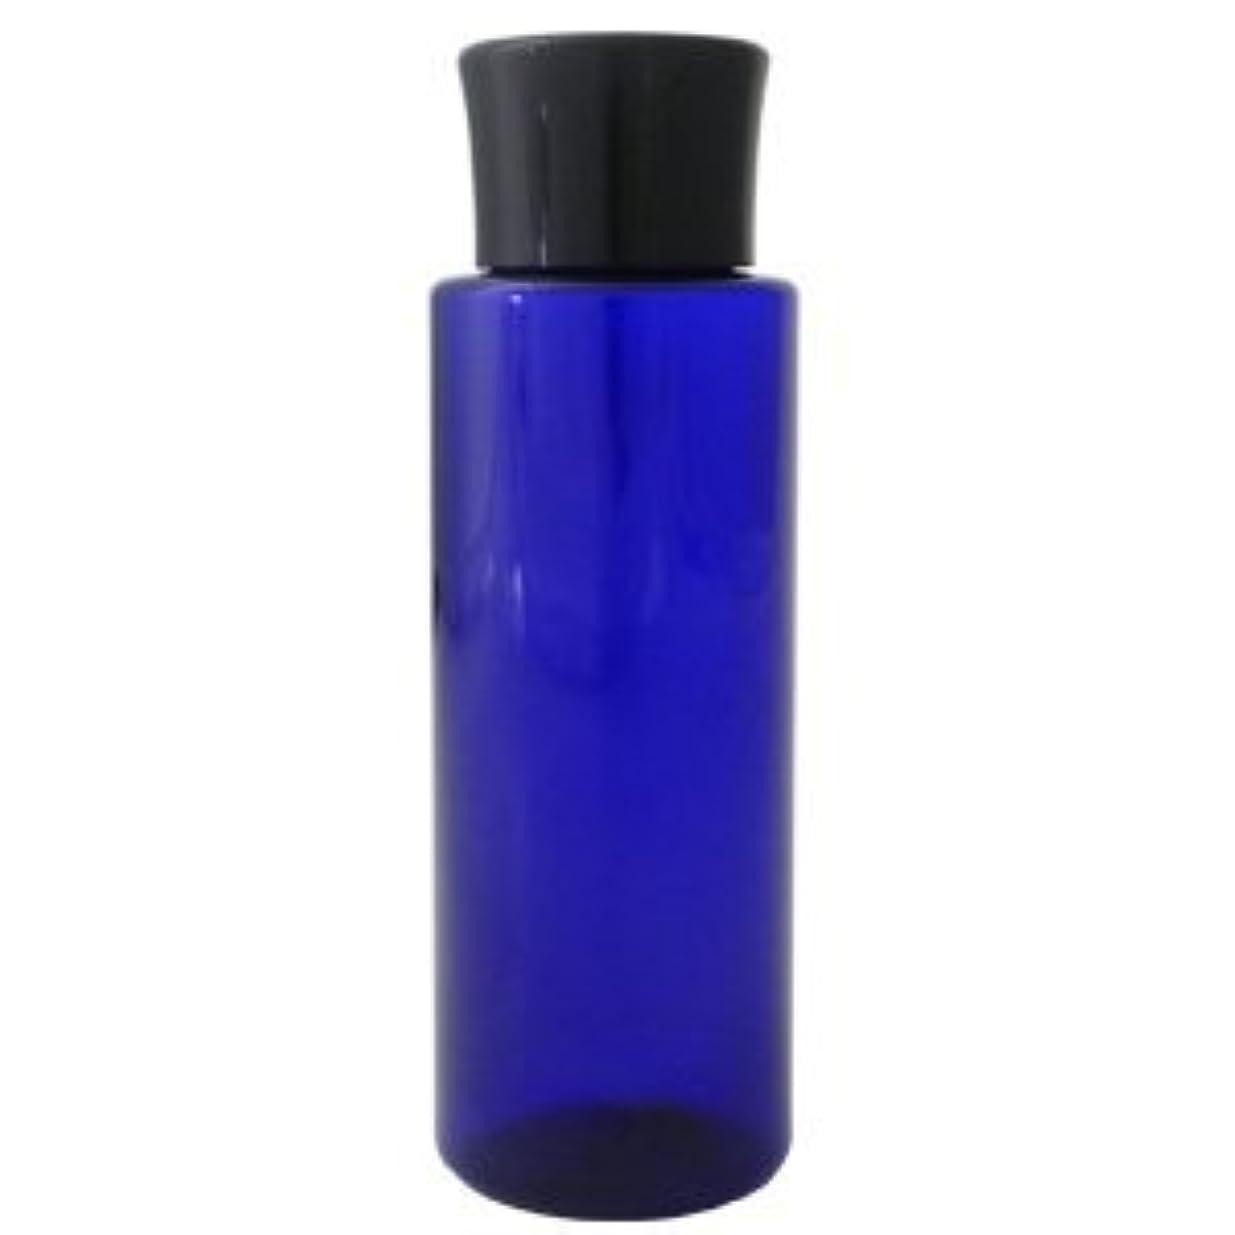 マイナスきちんとした重なるPETボトル コバルトブルー (青) 100ml *化粧水用中栓